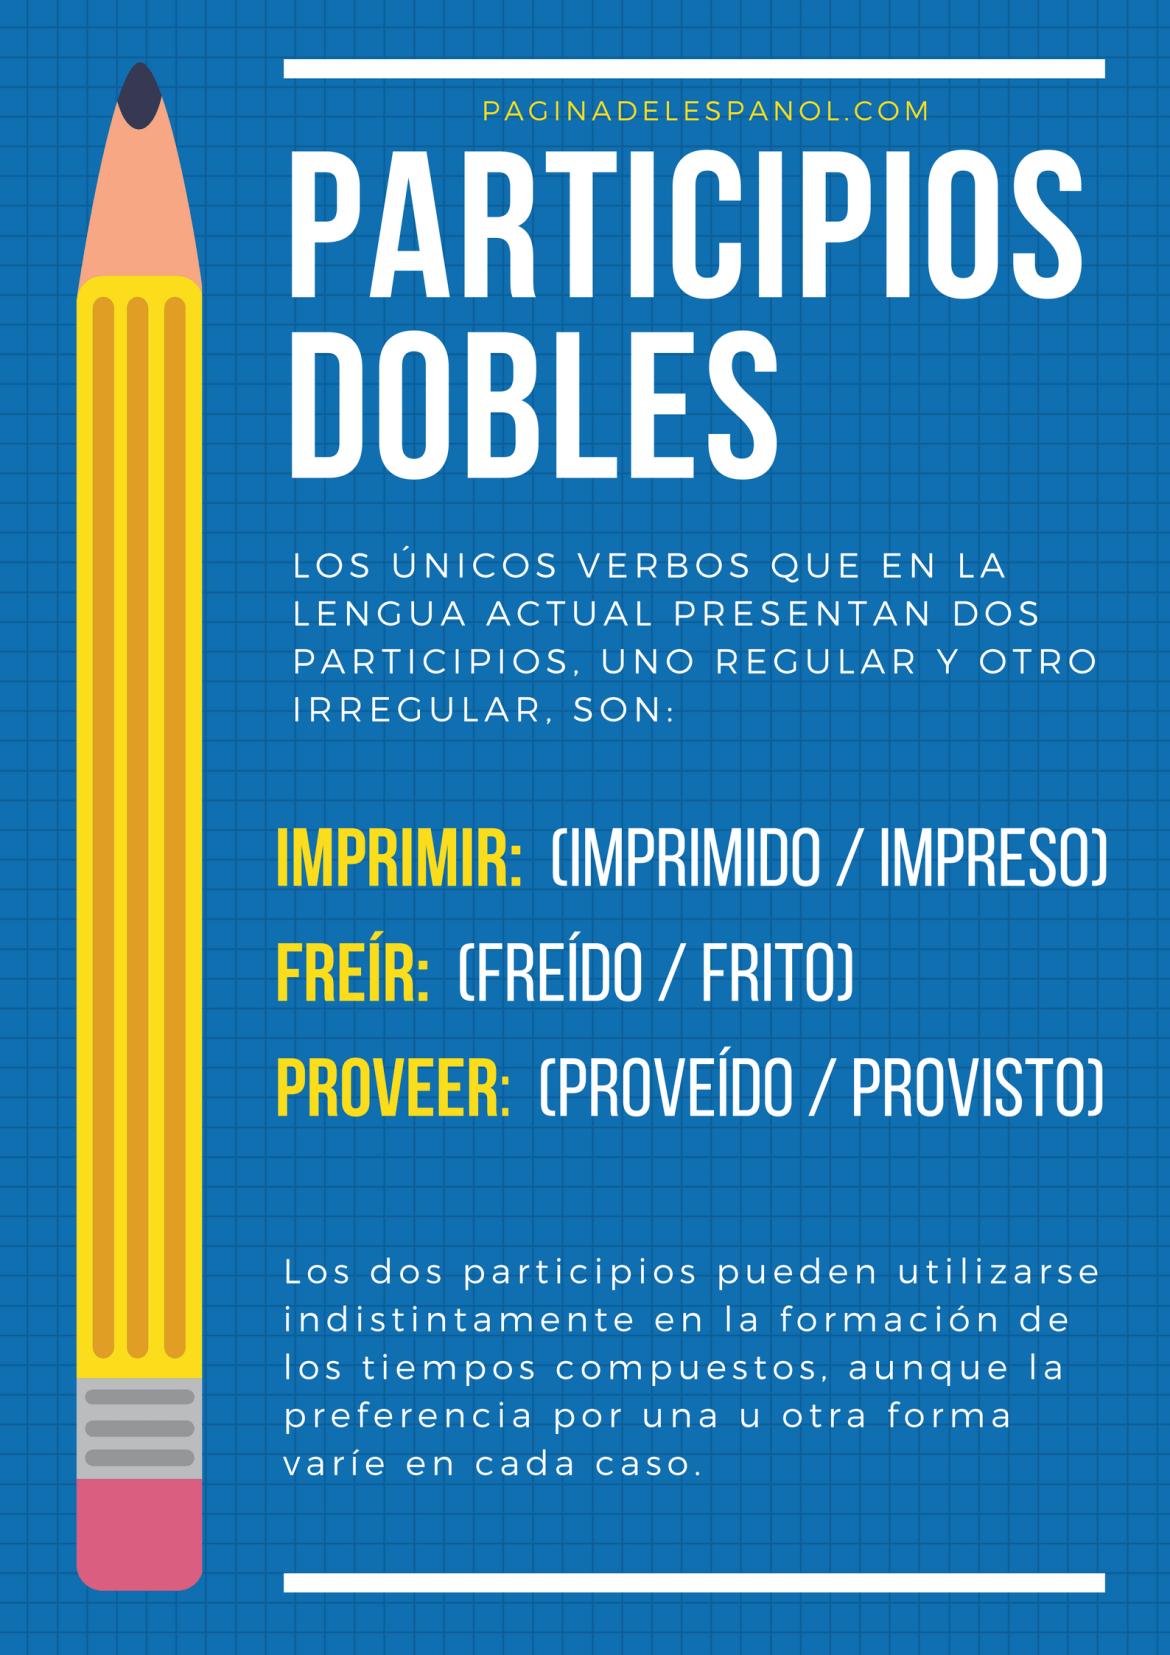 Participios dobles del español